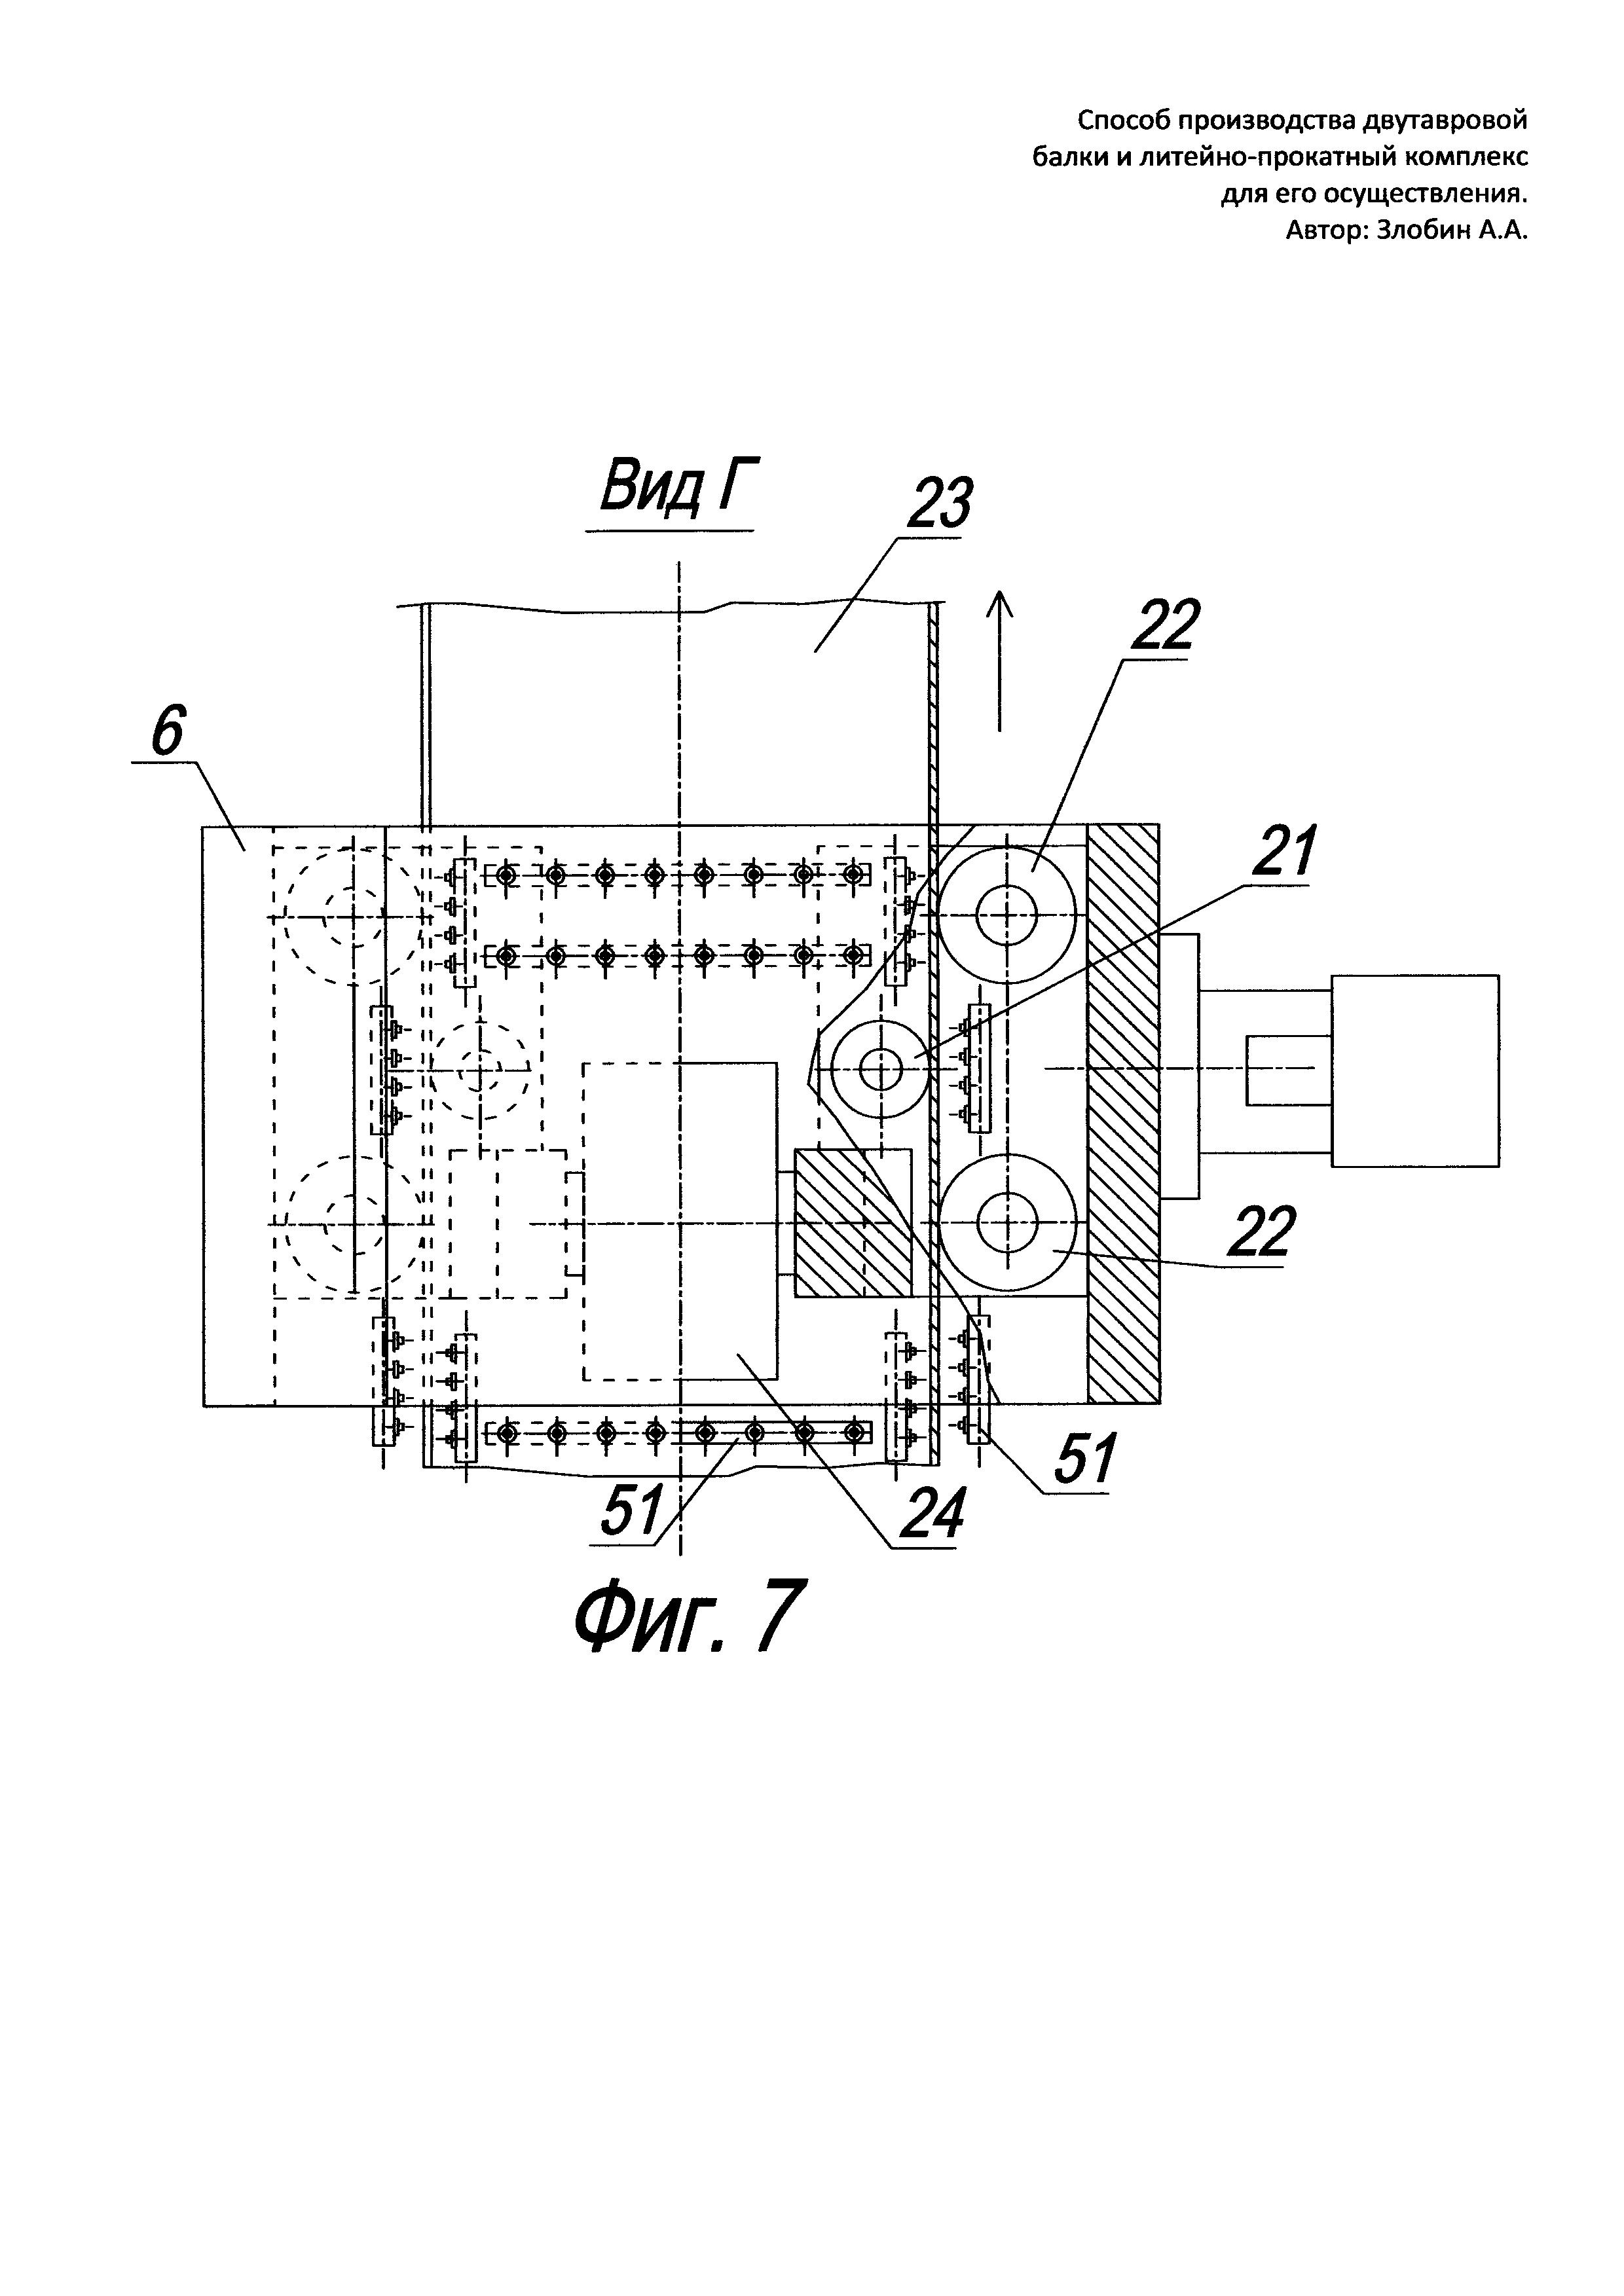 Способ производства двутавровой балки и литейно-прокатный комплекс для его осуществления